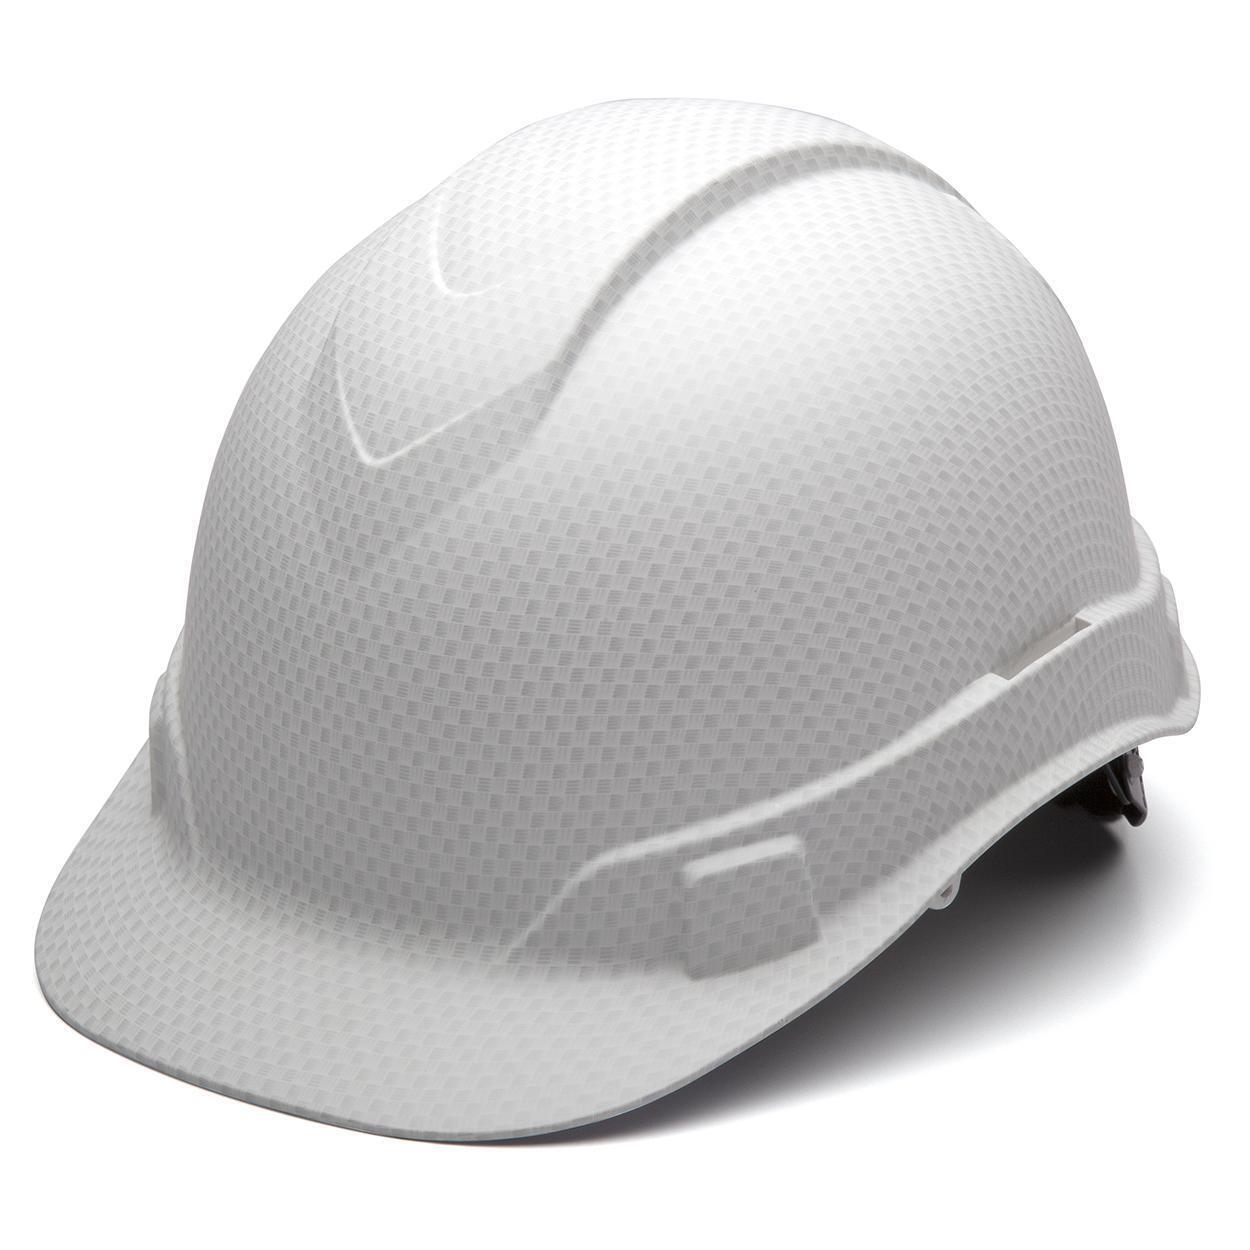 Pyramex HP44116 Ridgeline Graphite Cap Style White Hard Hat W/4 Pt Ratchet Susp Business & Industrial